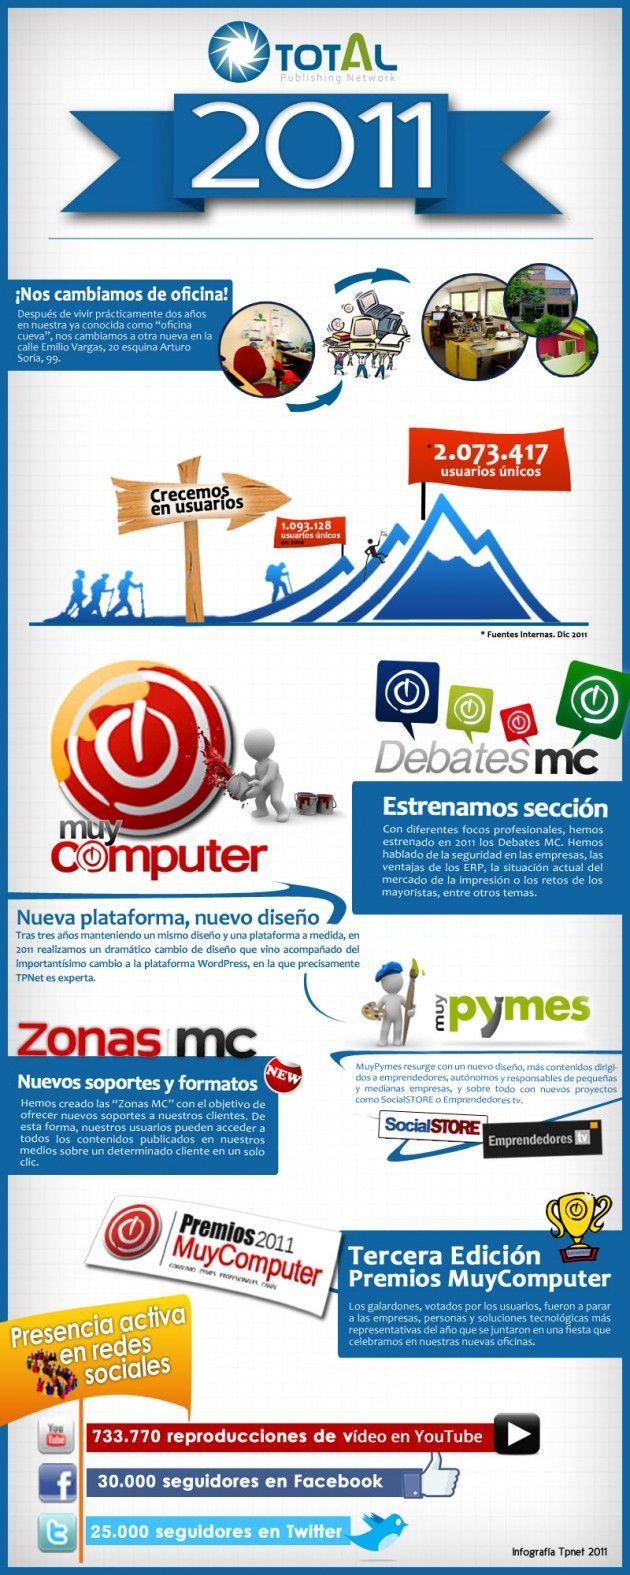 2011, un año duro para todos. ¡Feliz Año nuevo de parte de MuyComputer! 36